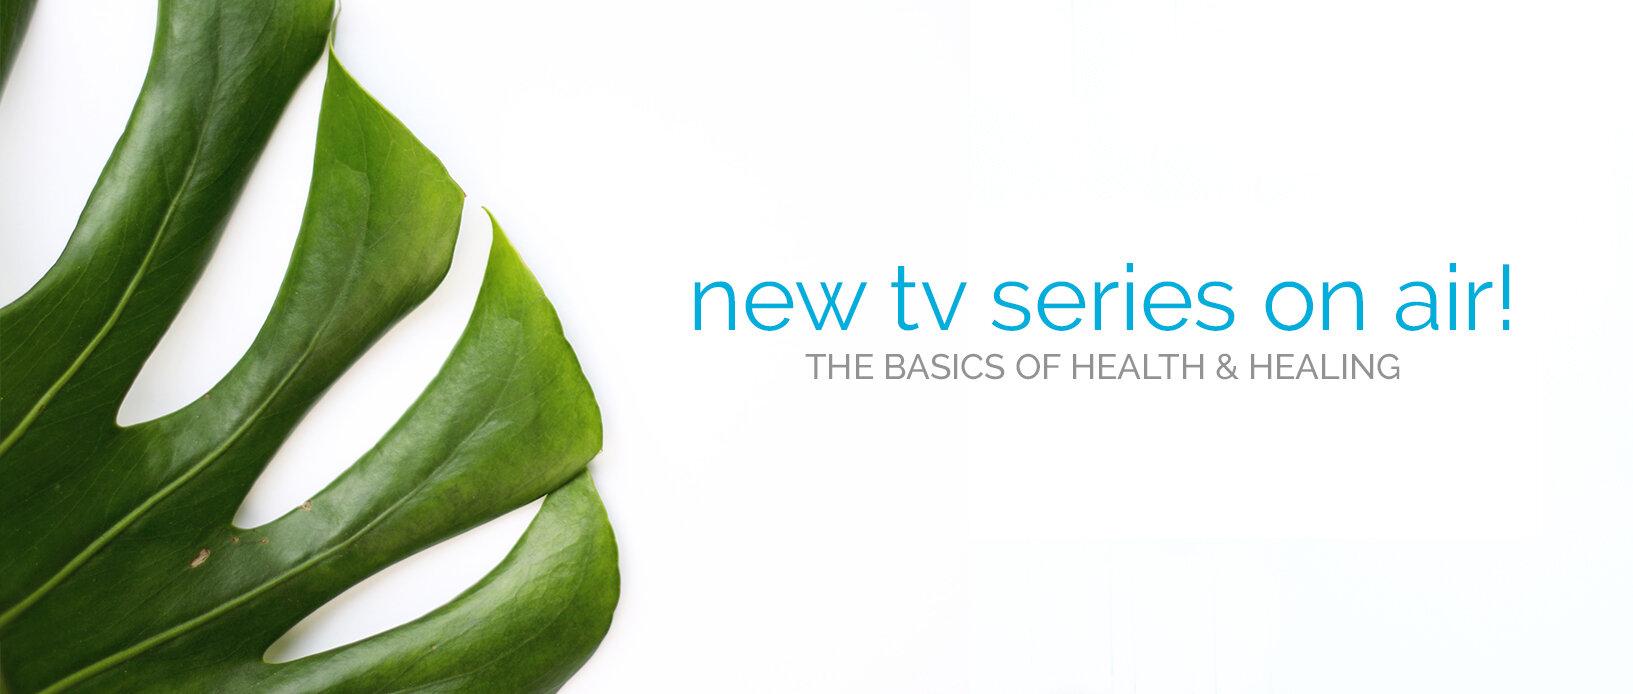 health & healing 2.jpg